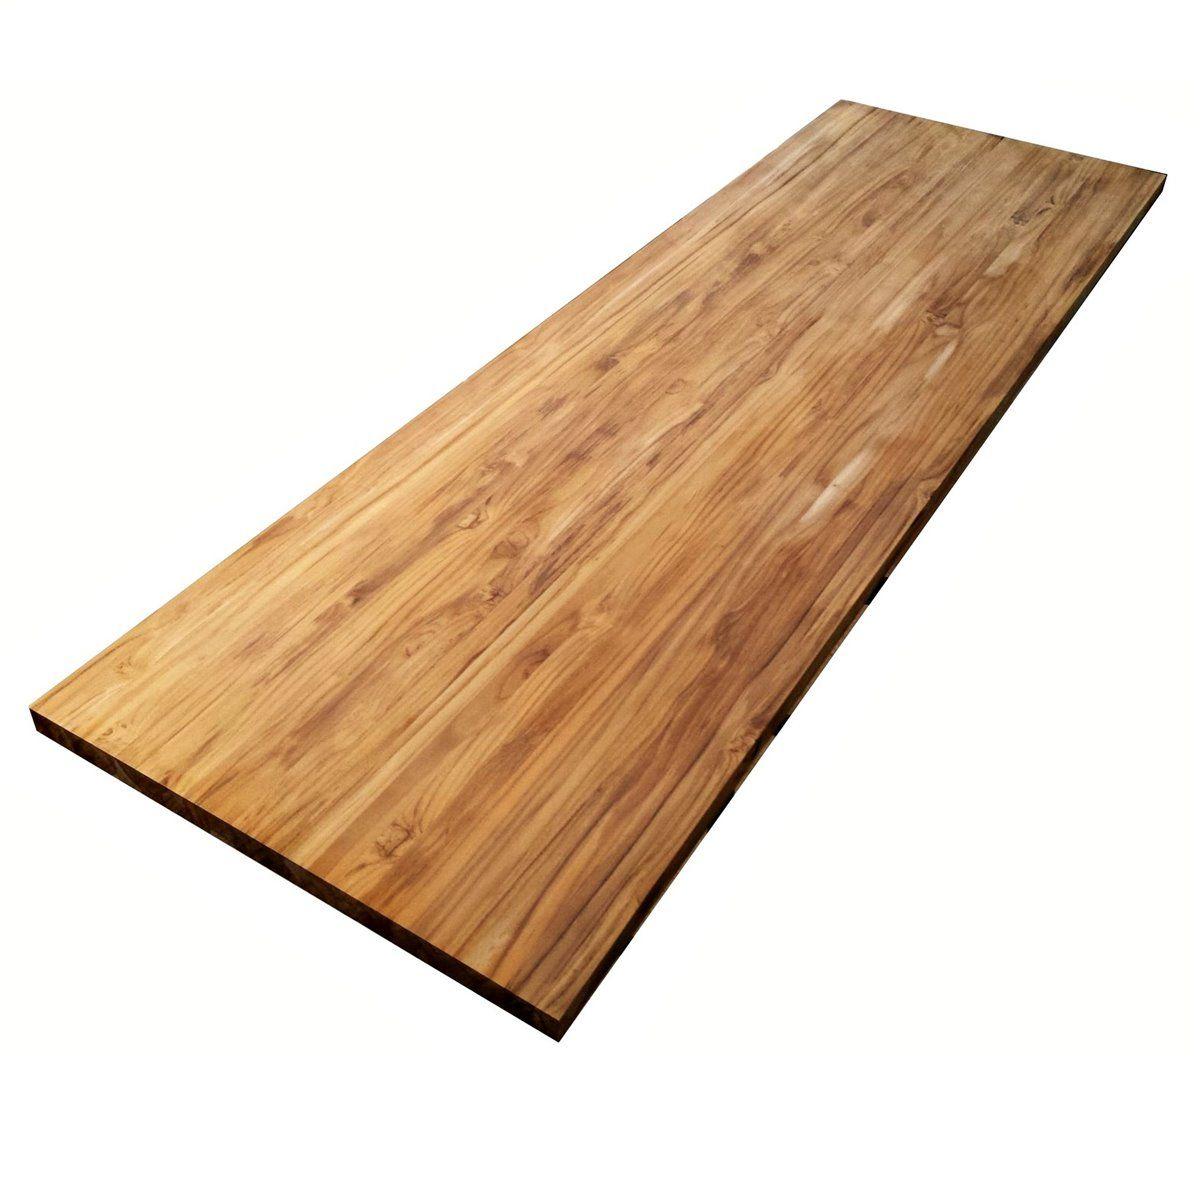 Holzplatte Aus Teak Und Mahagoni Massivholz Fsc 100 Teak Holz Teak Holz